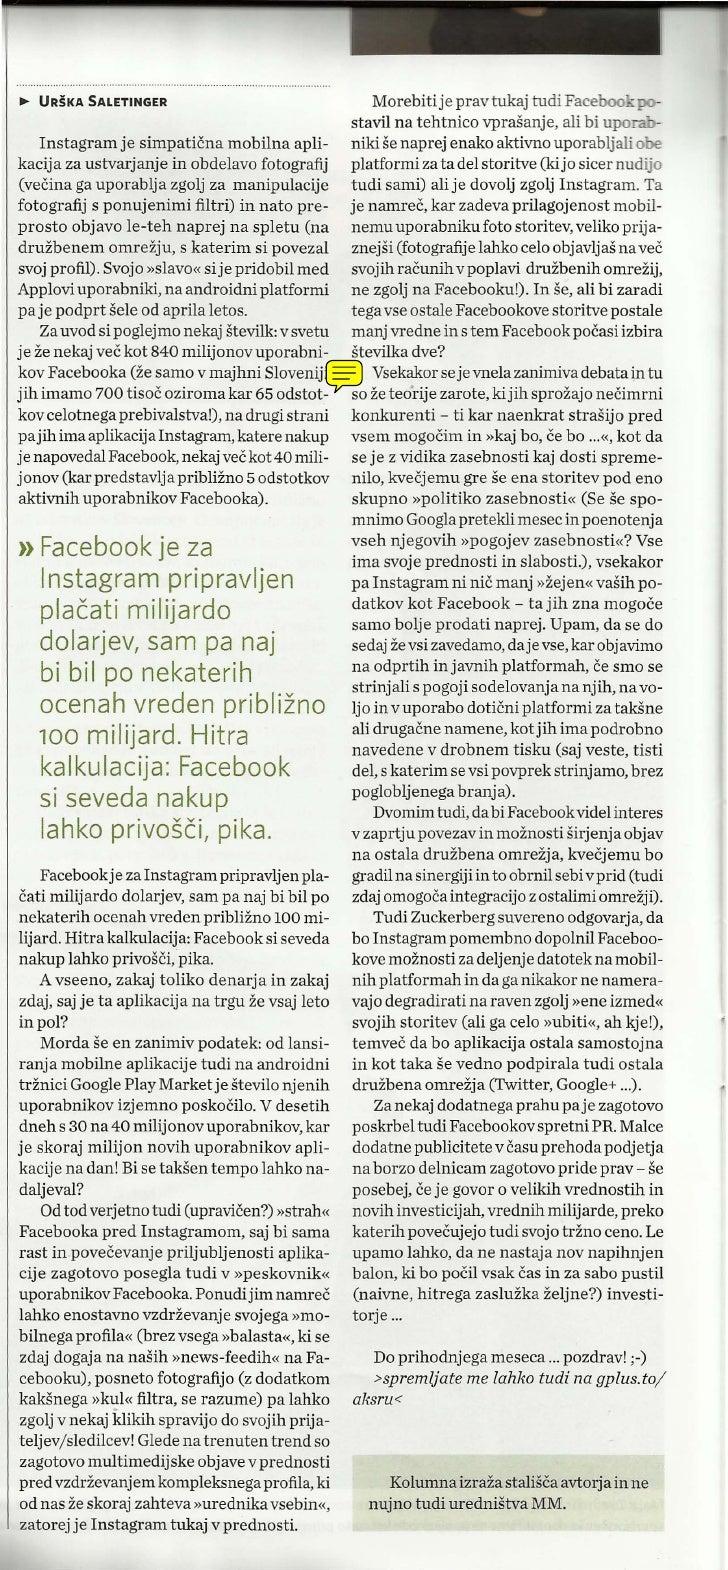 ~ URSKA SALETINGER                                     Morebitije pray tukaj tudi Faceboo - po-                           ...